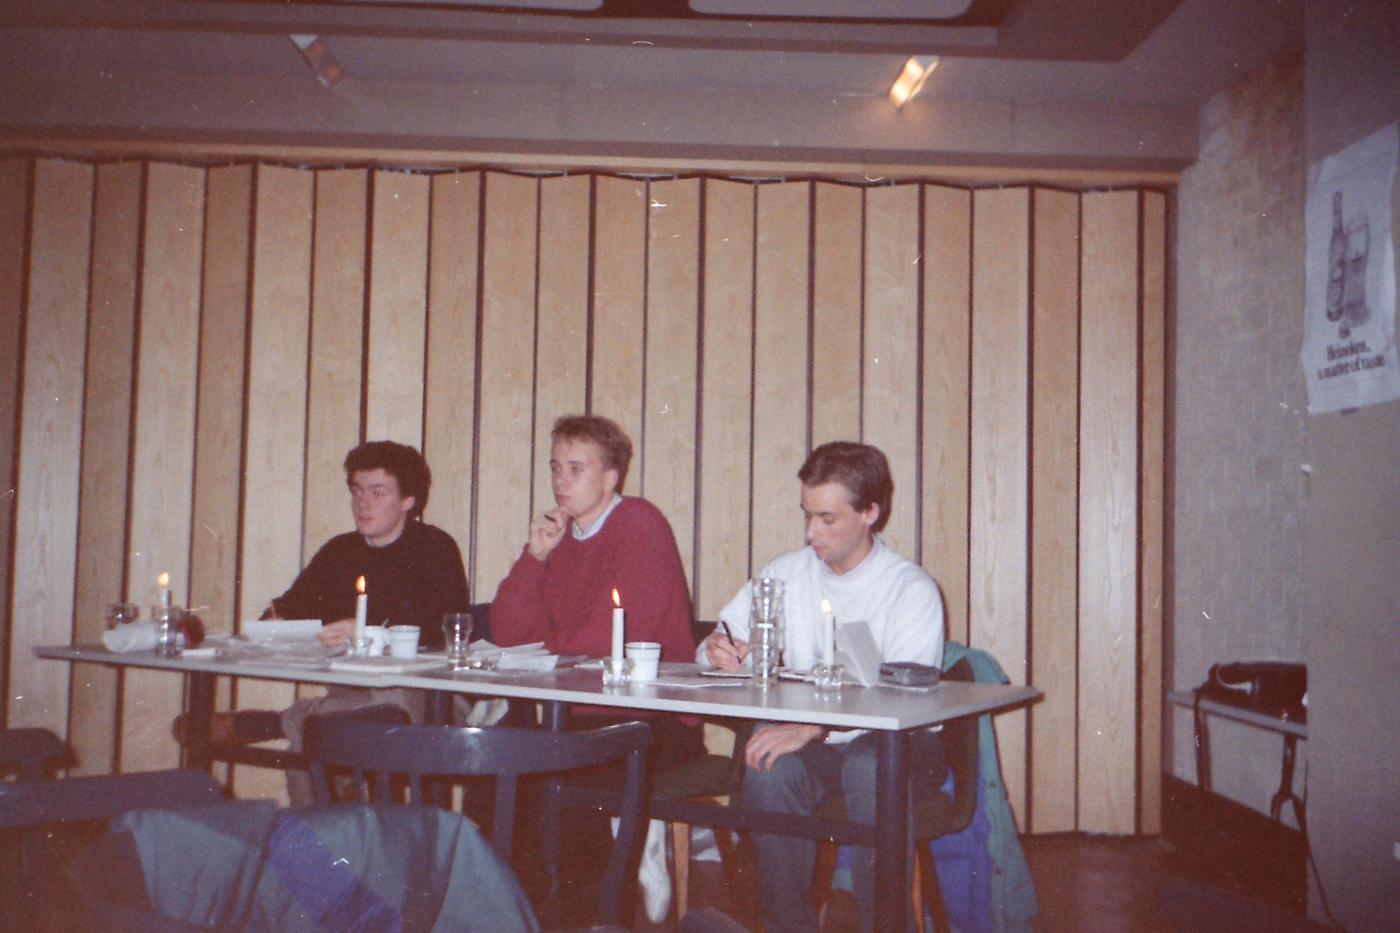 PICT0007_Oprichting_Taste_Kelderbar_Bastille_30-11-1988_Oerbestuur_-_Met_Heineken_Poster_VERBETERD.JPG